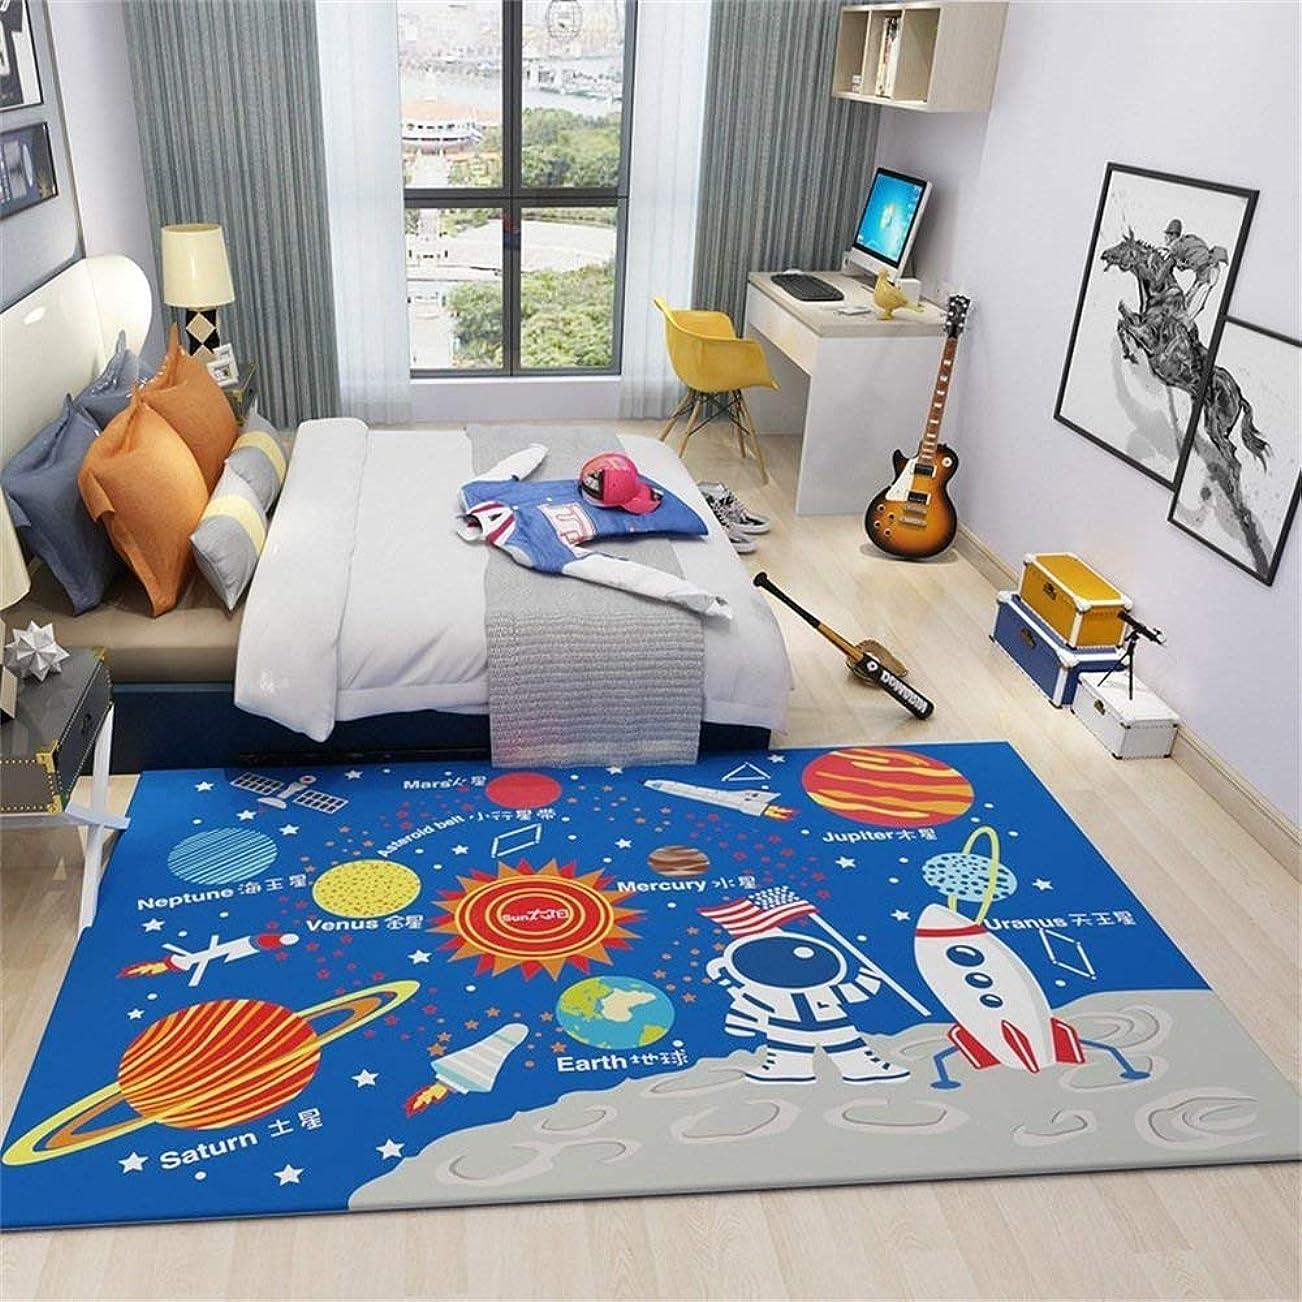 急流水陸両用いちゃつく現代の敷物、リビングルームと寝室のコンピュータチェアかわいい本の家の長方形のカーペットブルー(サイズ:140×200センチメートル)のための漫画の子供部屋の敷物 AI LI WEI (サイズ さいず : 120×160cm)